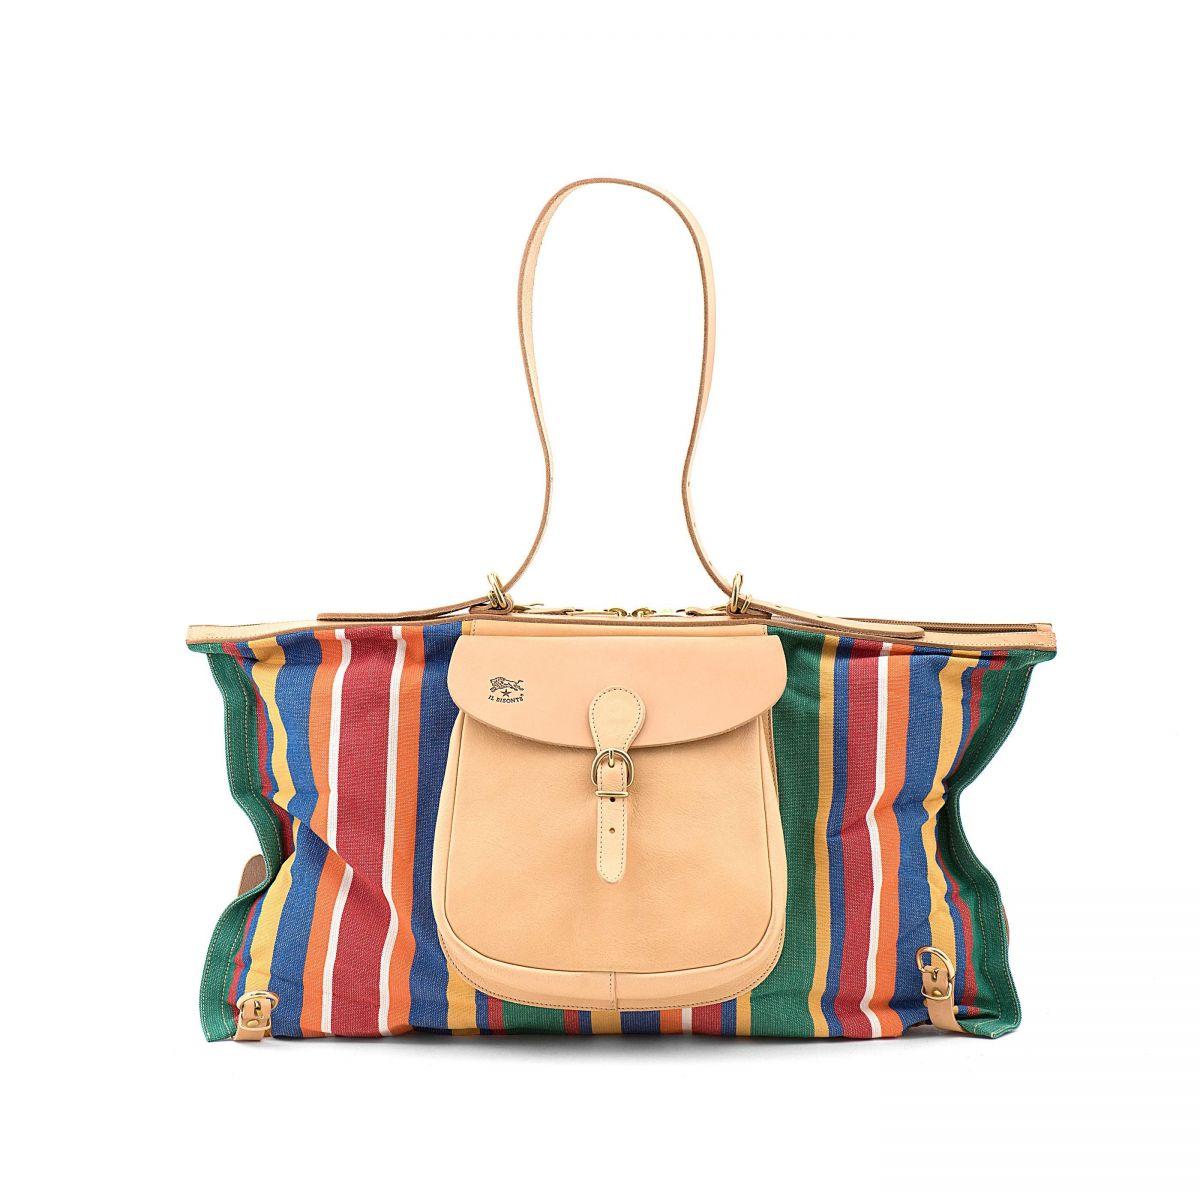 Maremmana  - Women's Handbag  in Striped Cotton Canvas BTH012 color Multicolor | Details